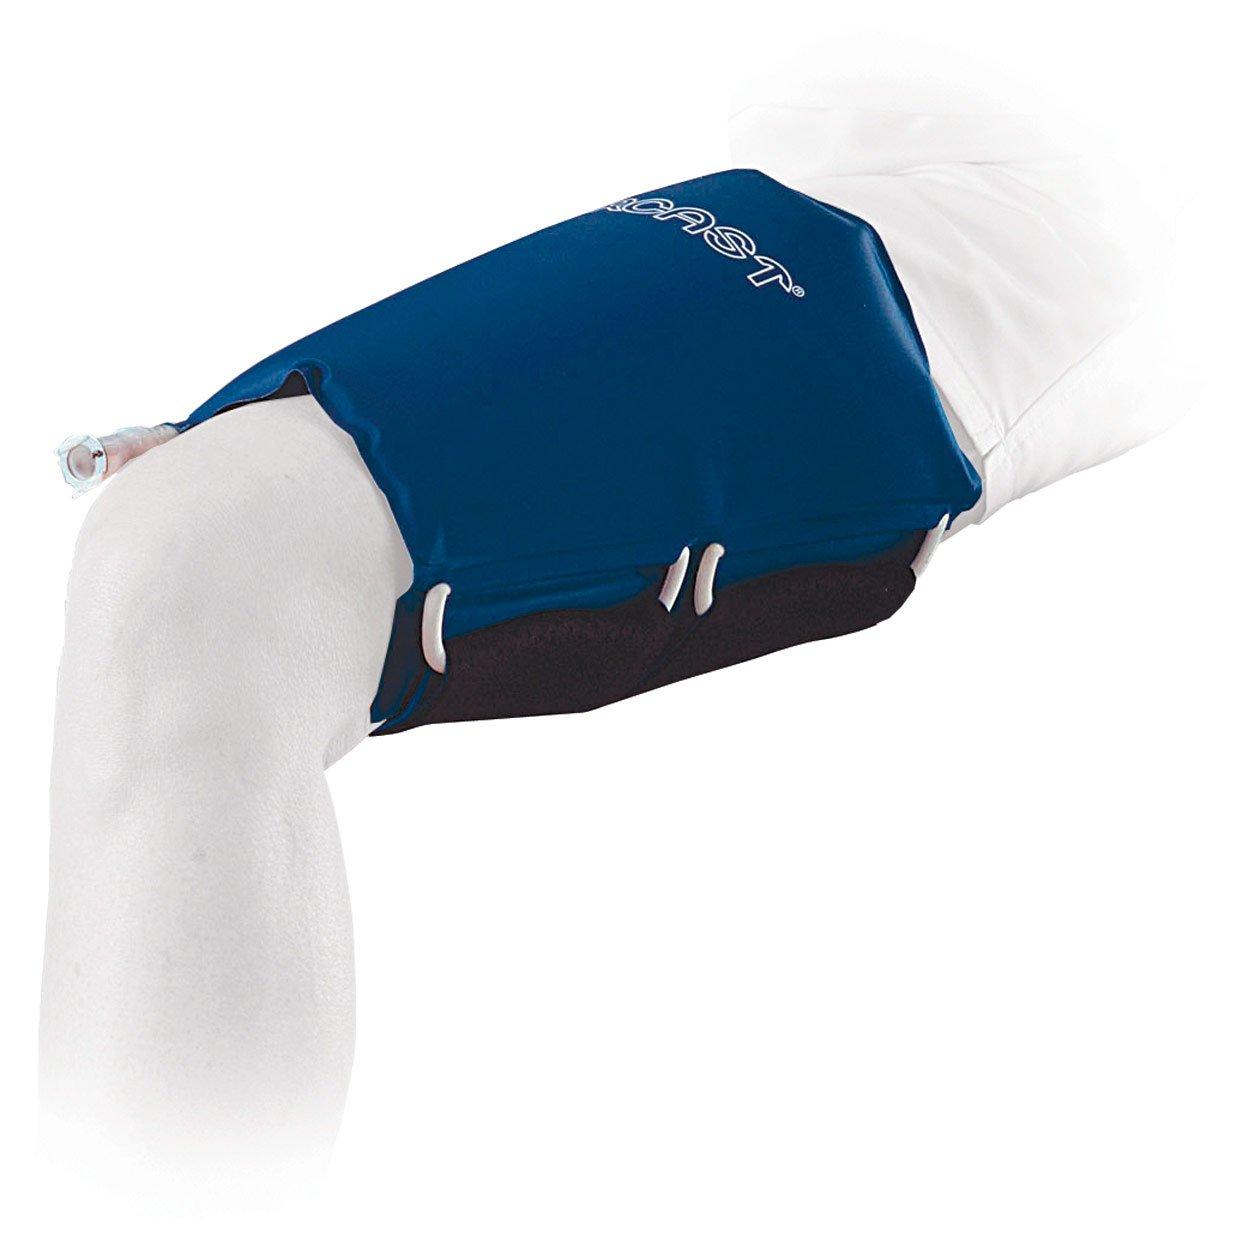 AIRCAST Cryo-Cuff Oberschenkelbandage - Größe M